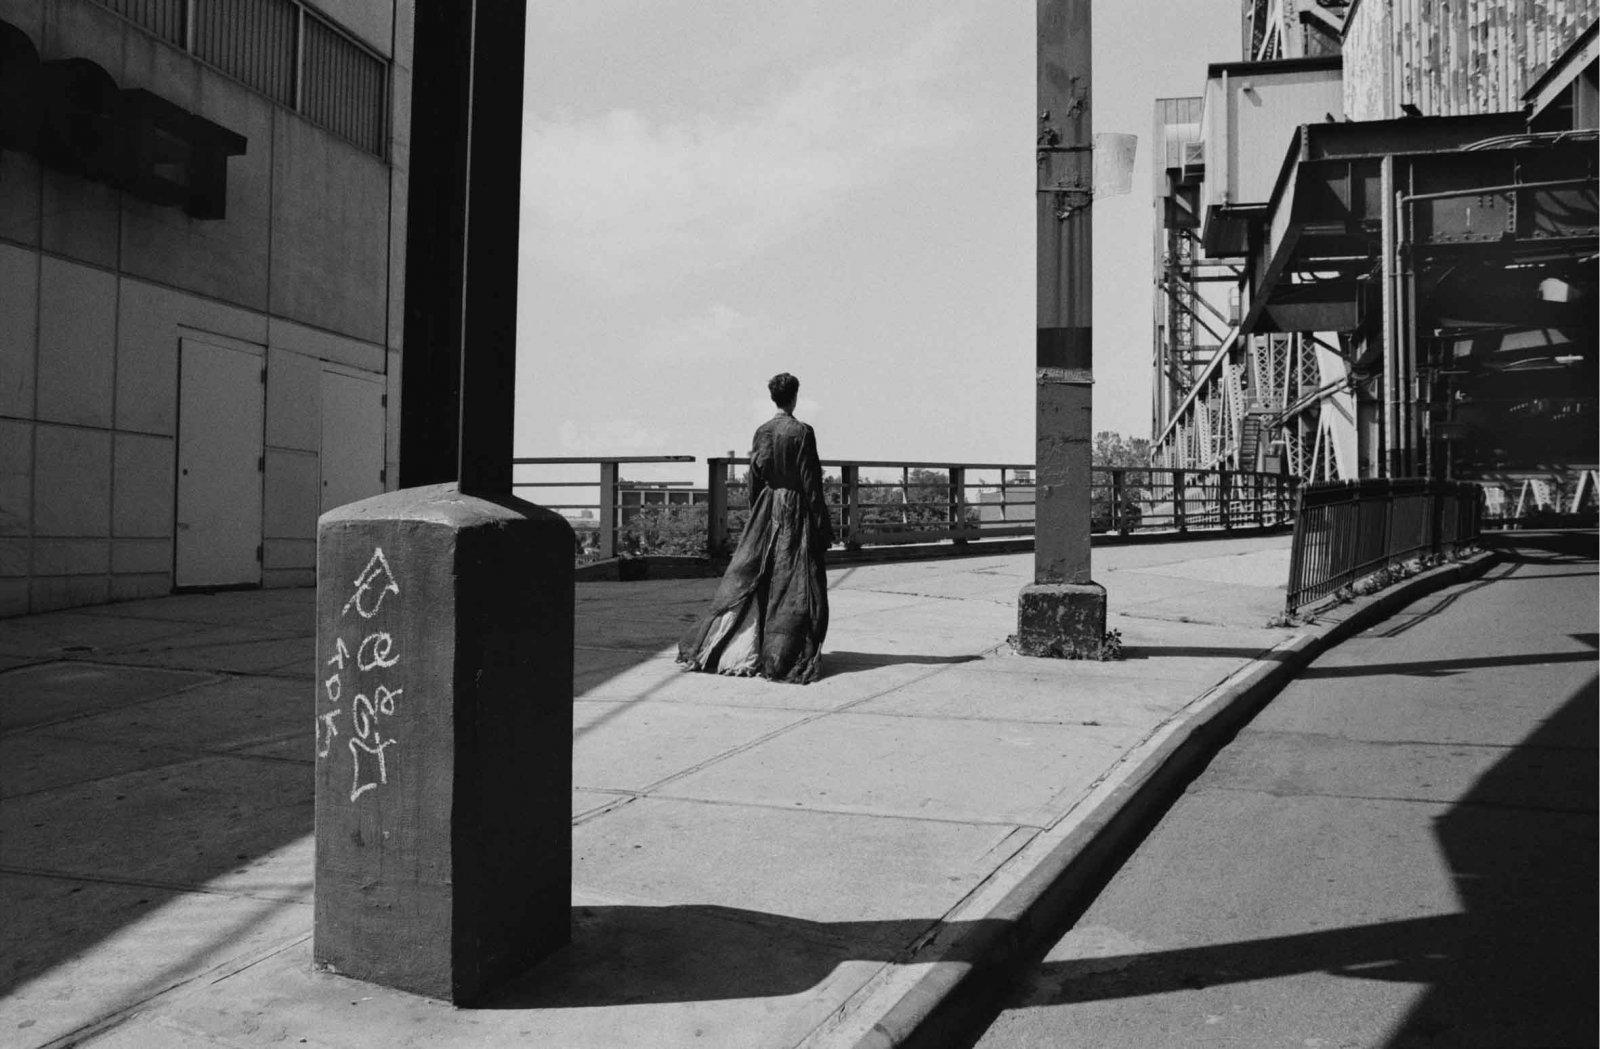 West 25th Street and Broadway Bridge, 2018 © Saskia de Brauw & Vincent van de Wijngaard